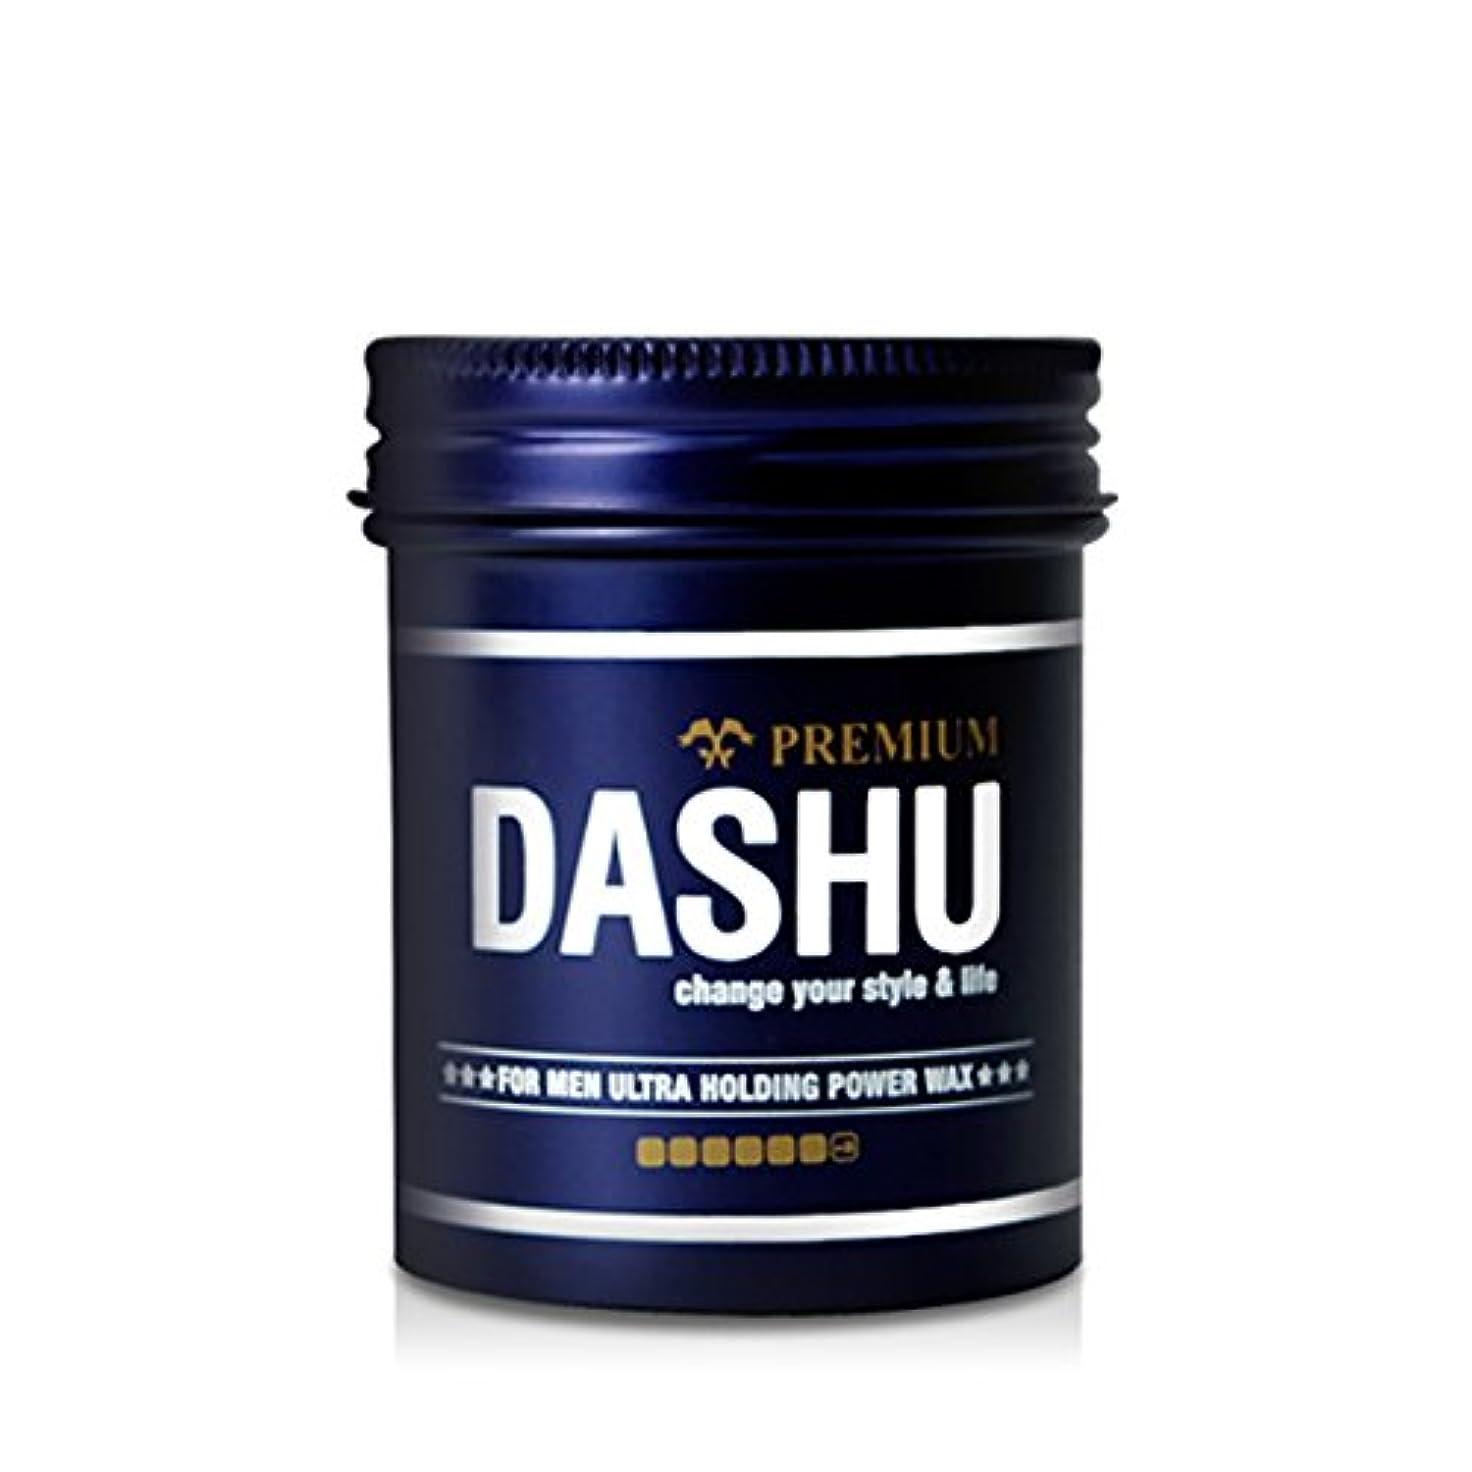 アルファベット禁輸五[DASHU] ダシュ For Men男性用 プレミアムウルトラホールディングパワーワックス Premium Ultra Holding Power Hair Wax 100ml/ 韓国製 . 韓国直送品